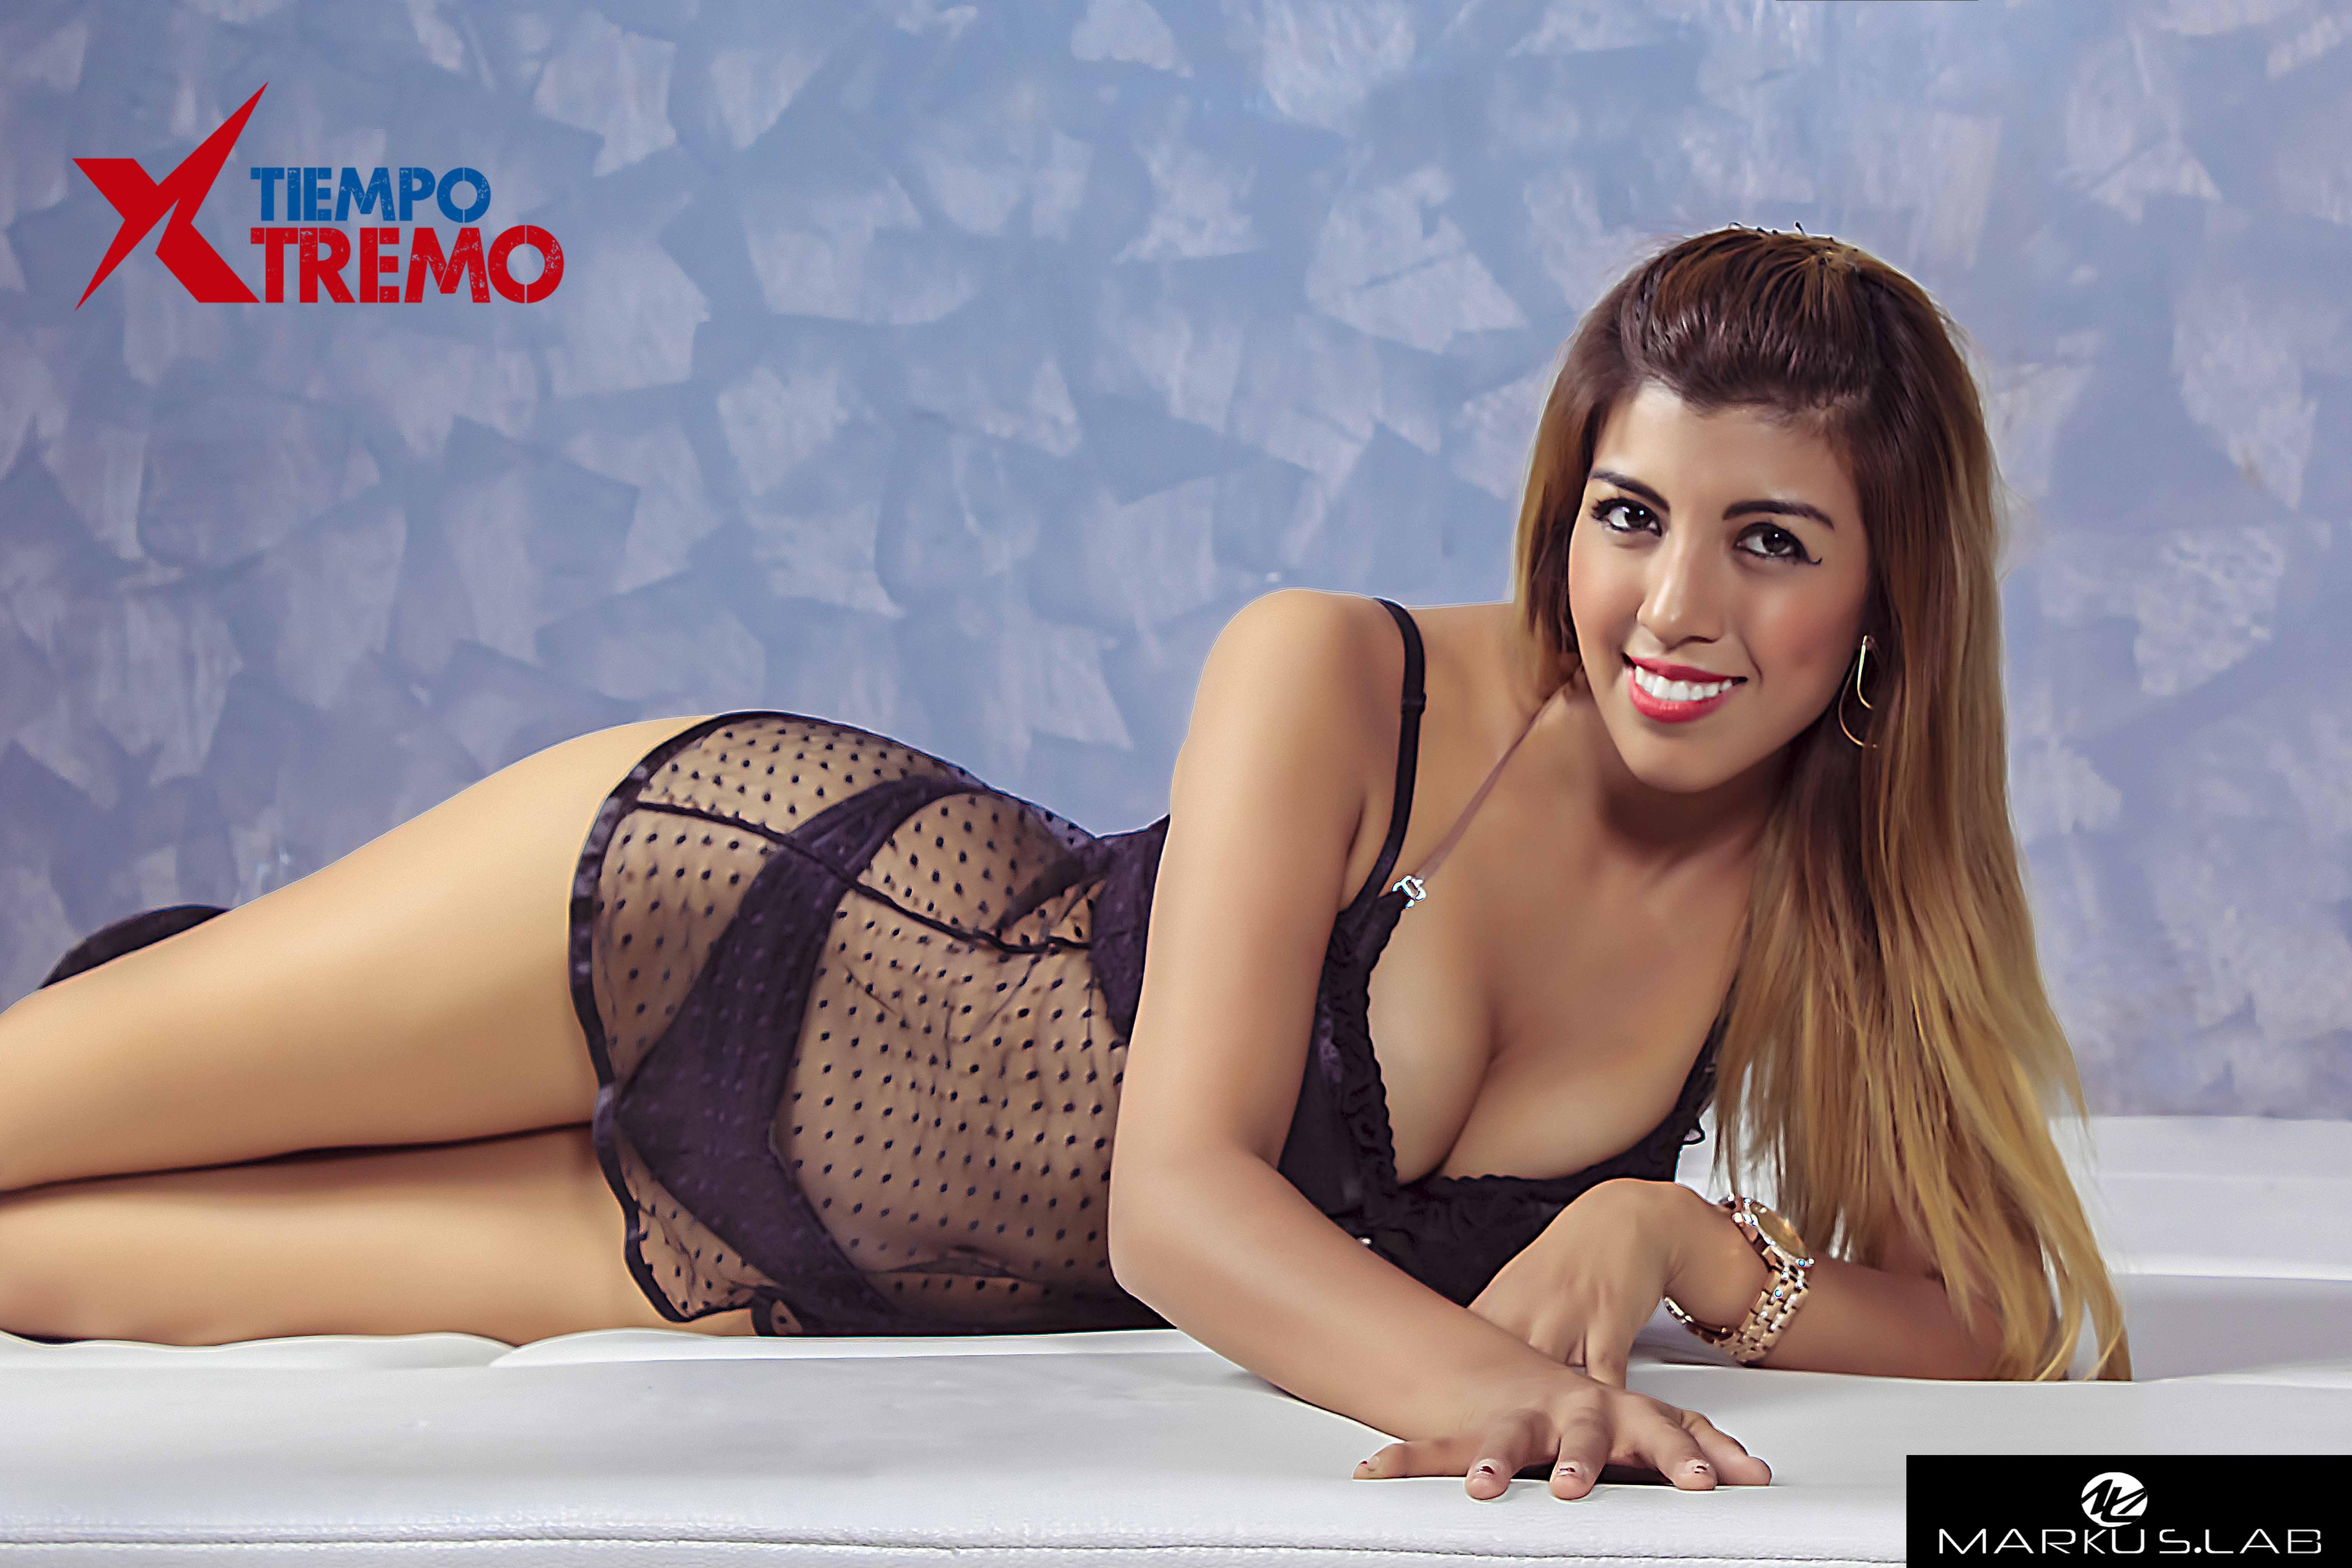 Aydee del Pilar Irigoyen